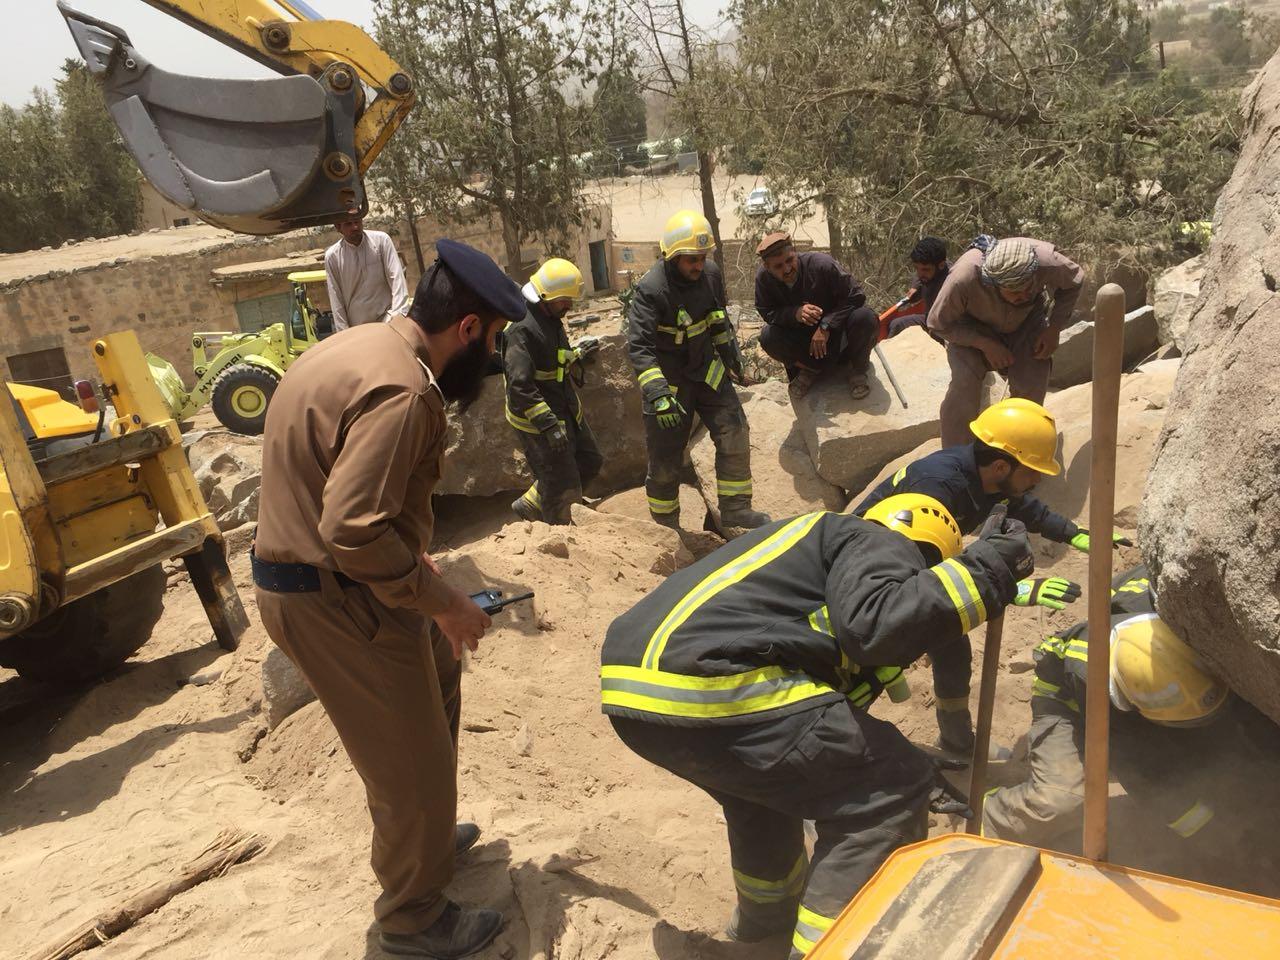 وفاة سائق في بلجرشي بعد سقوط صخرة ضخمة عليه